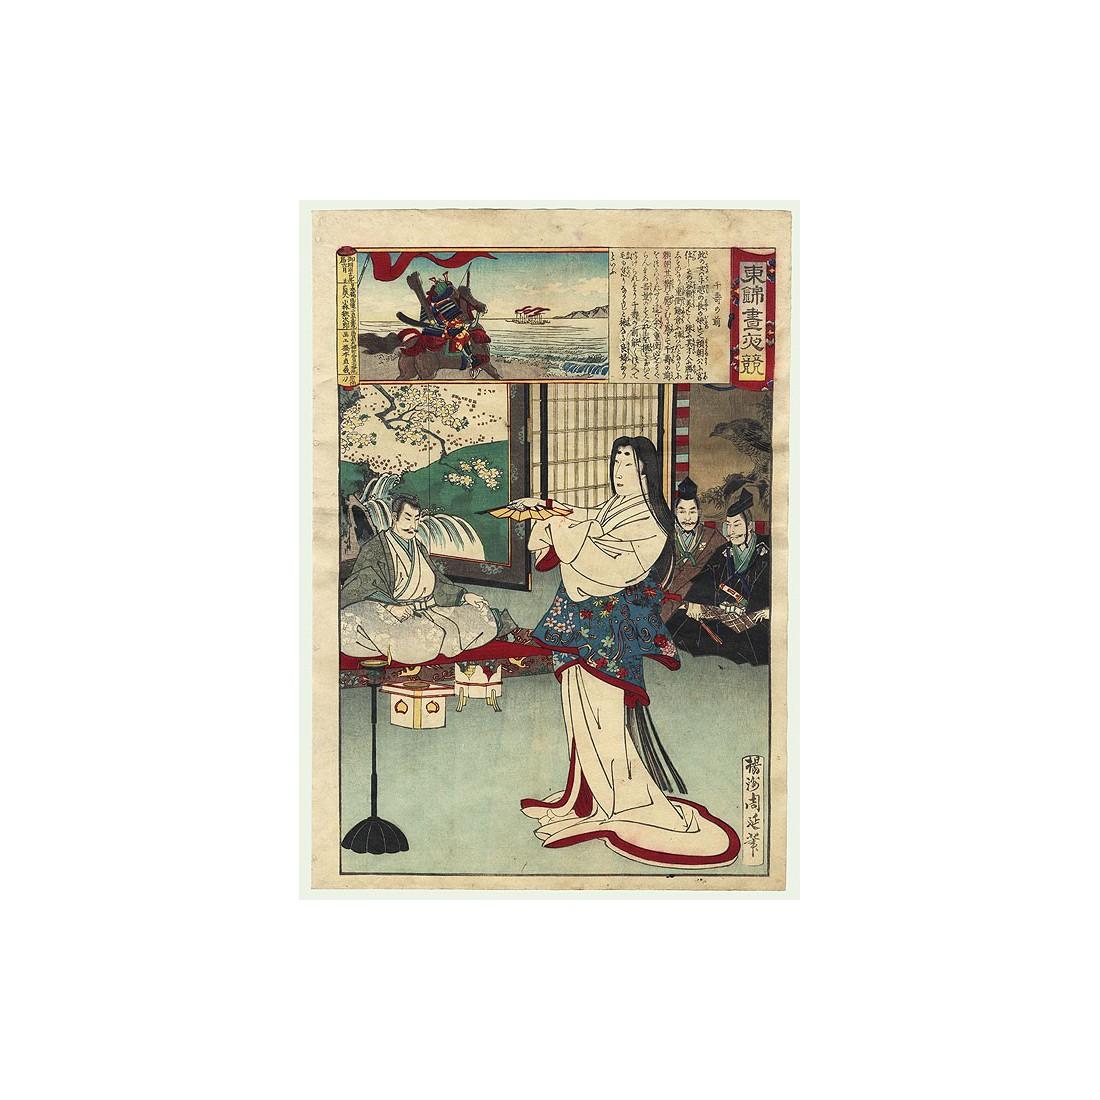 CHIKANOBU Toyohara - RR215